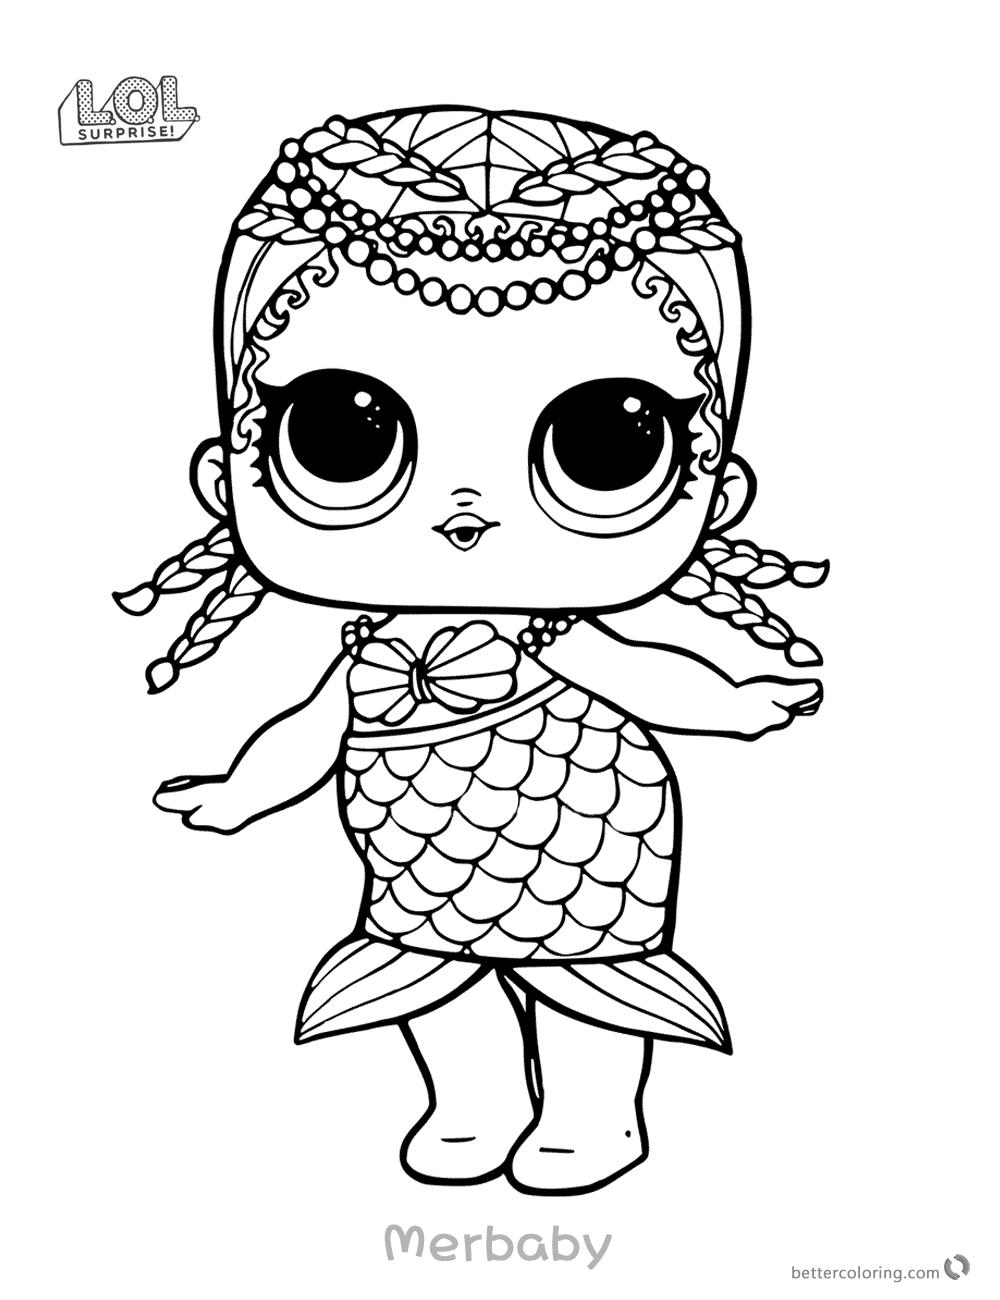 Lol Bebek Boyama Sayfasi Google Arama In 2020 Mermaid Coloring Pages Unicorn Coloring Pages Mermaid Coloring